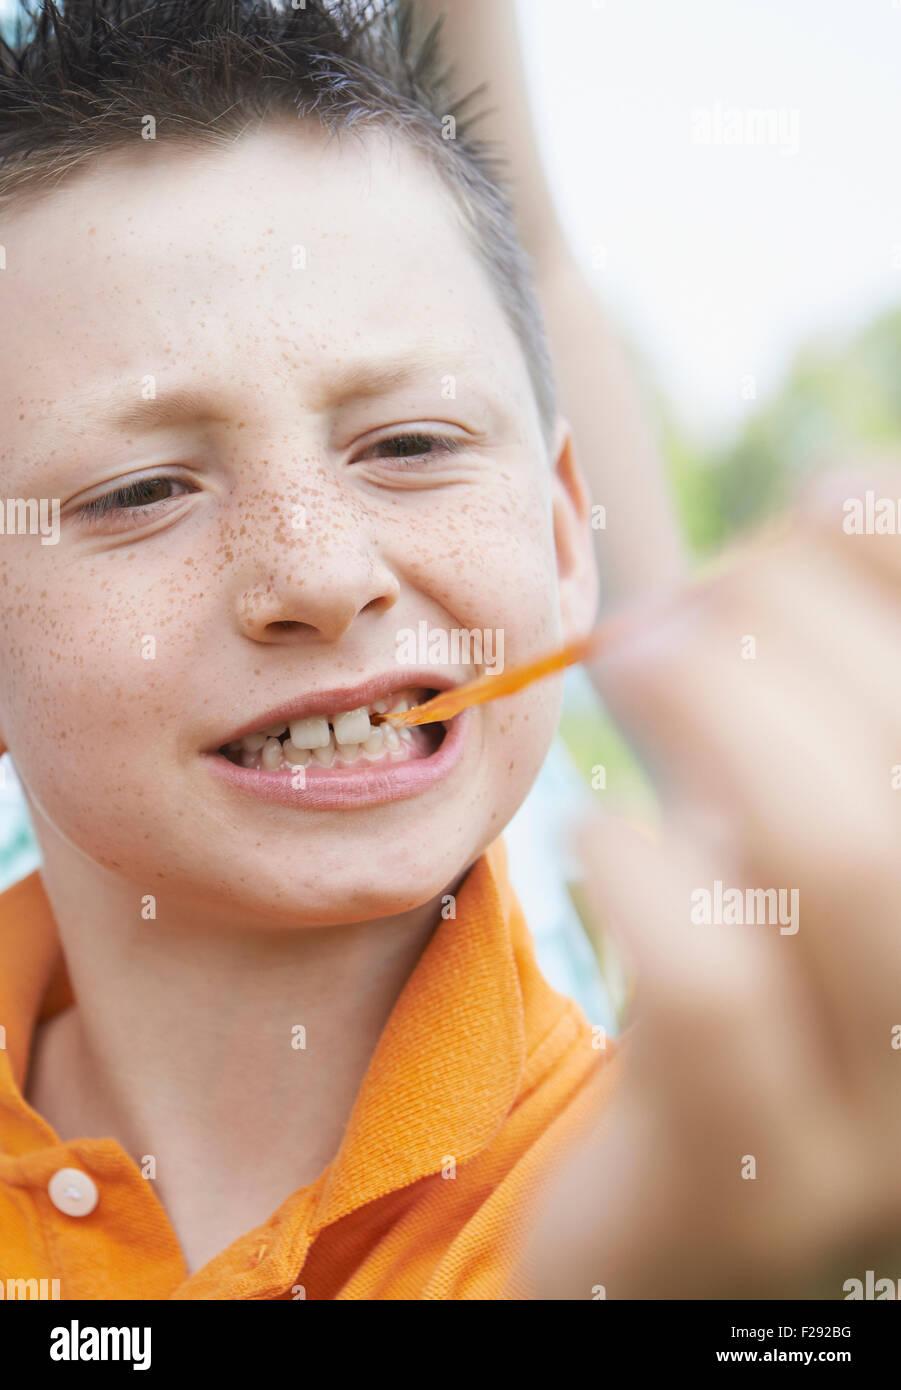 Muchacho tira de chicle de su boca, Baviera, Alemania Imagen De Stock